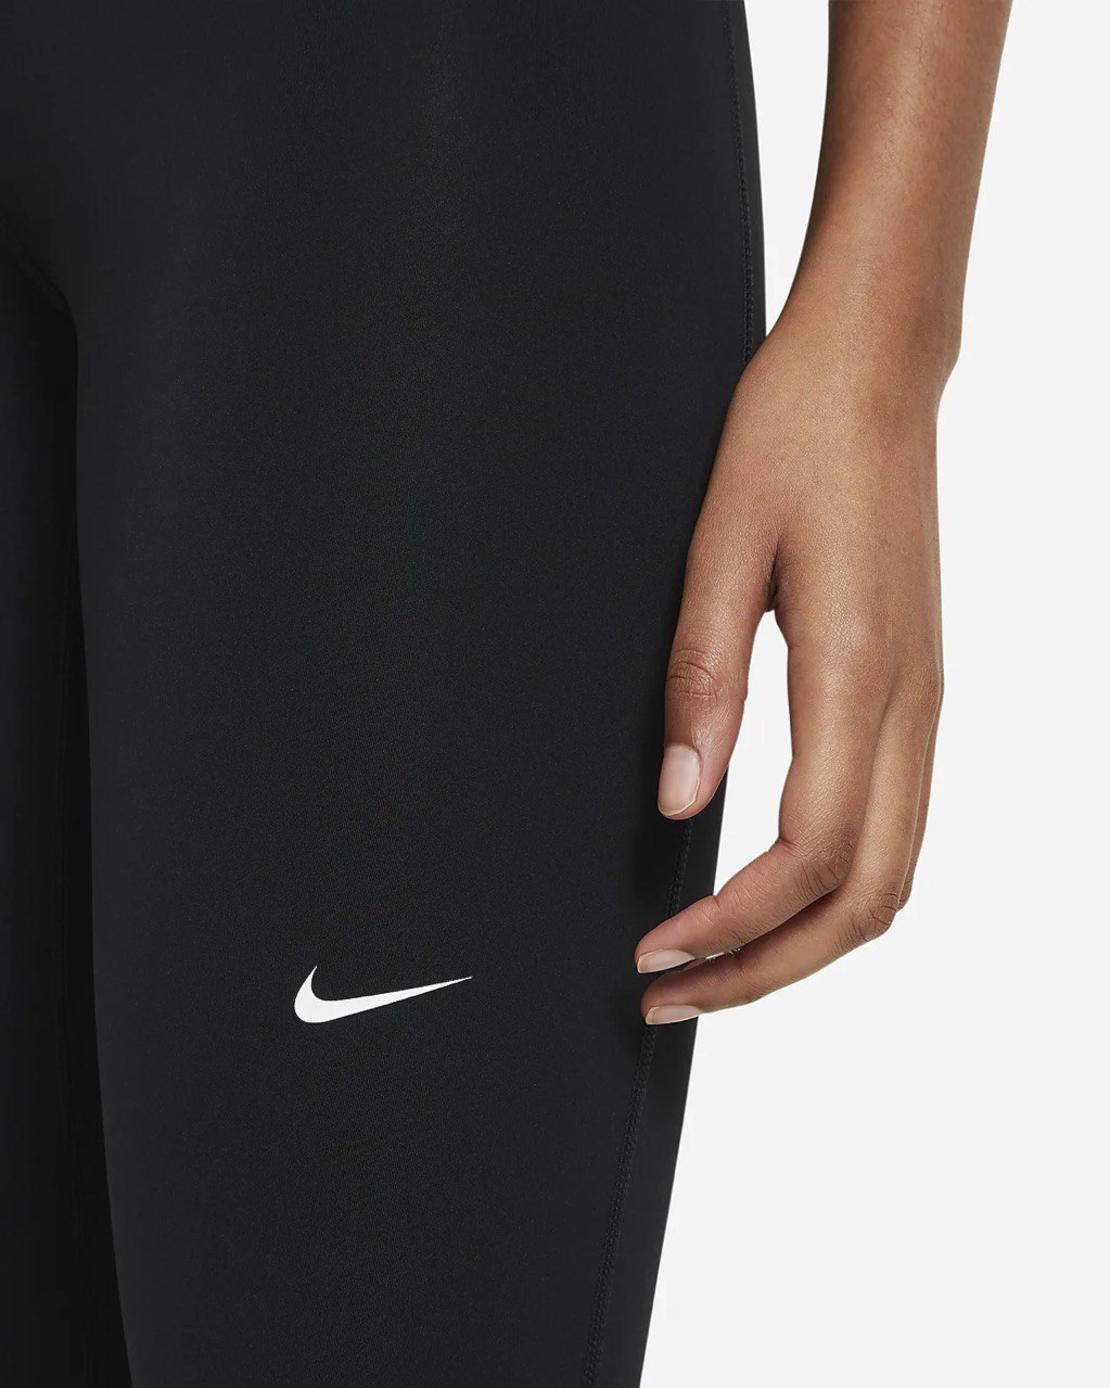 טייץ נייק לנשים   Nike Pro Women's Mid-Rise Leggings